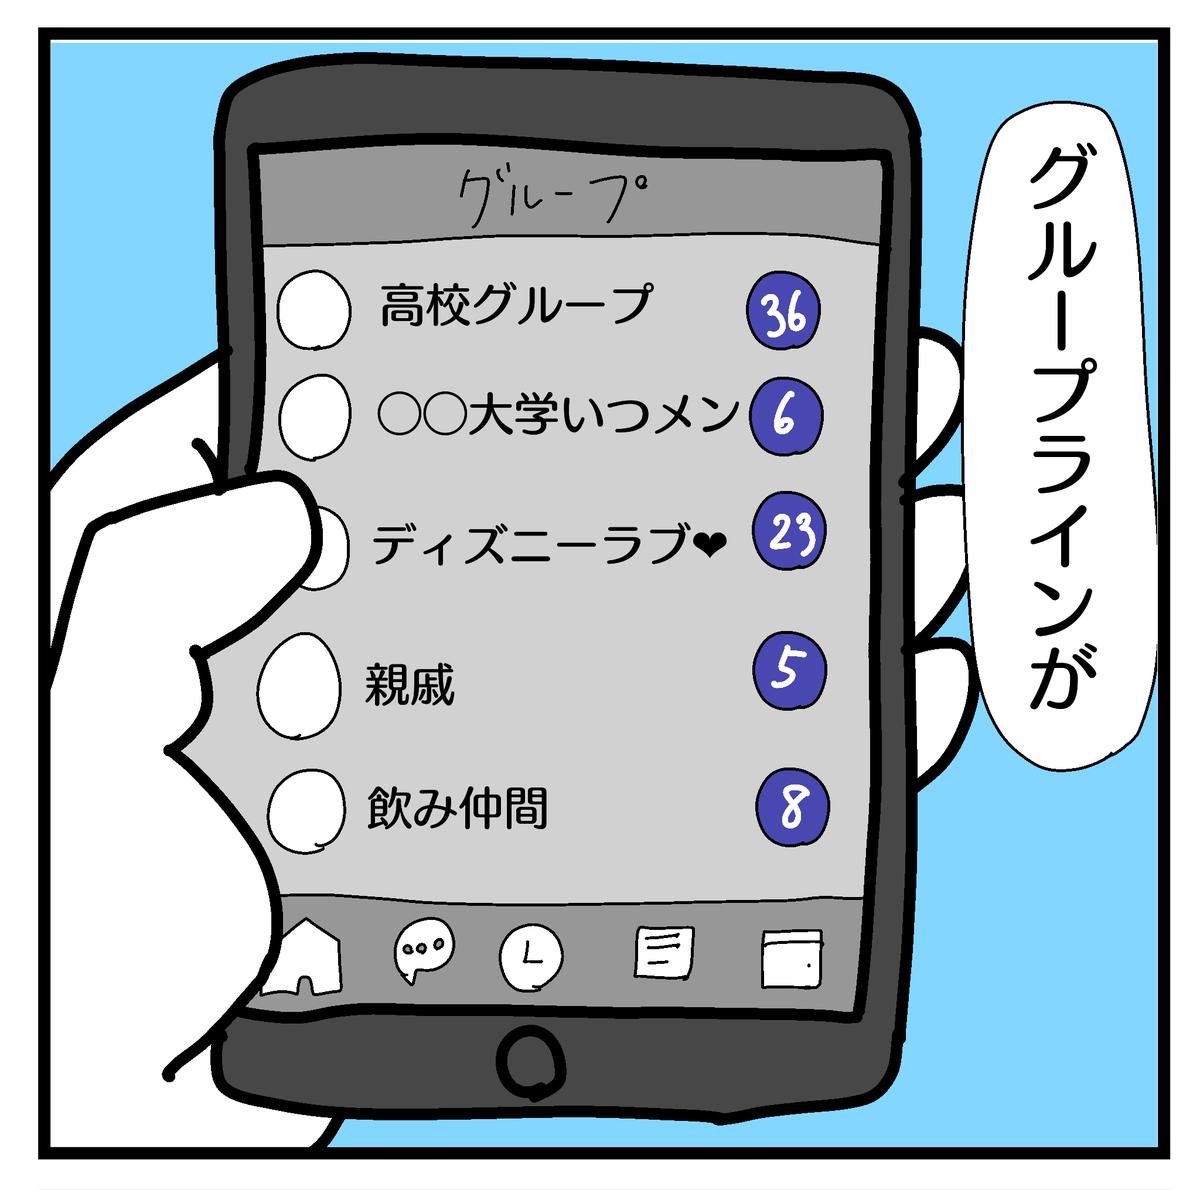 f:id:YuruFuwaTa:20200706105200p:plain